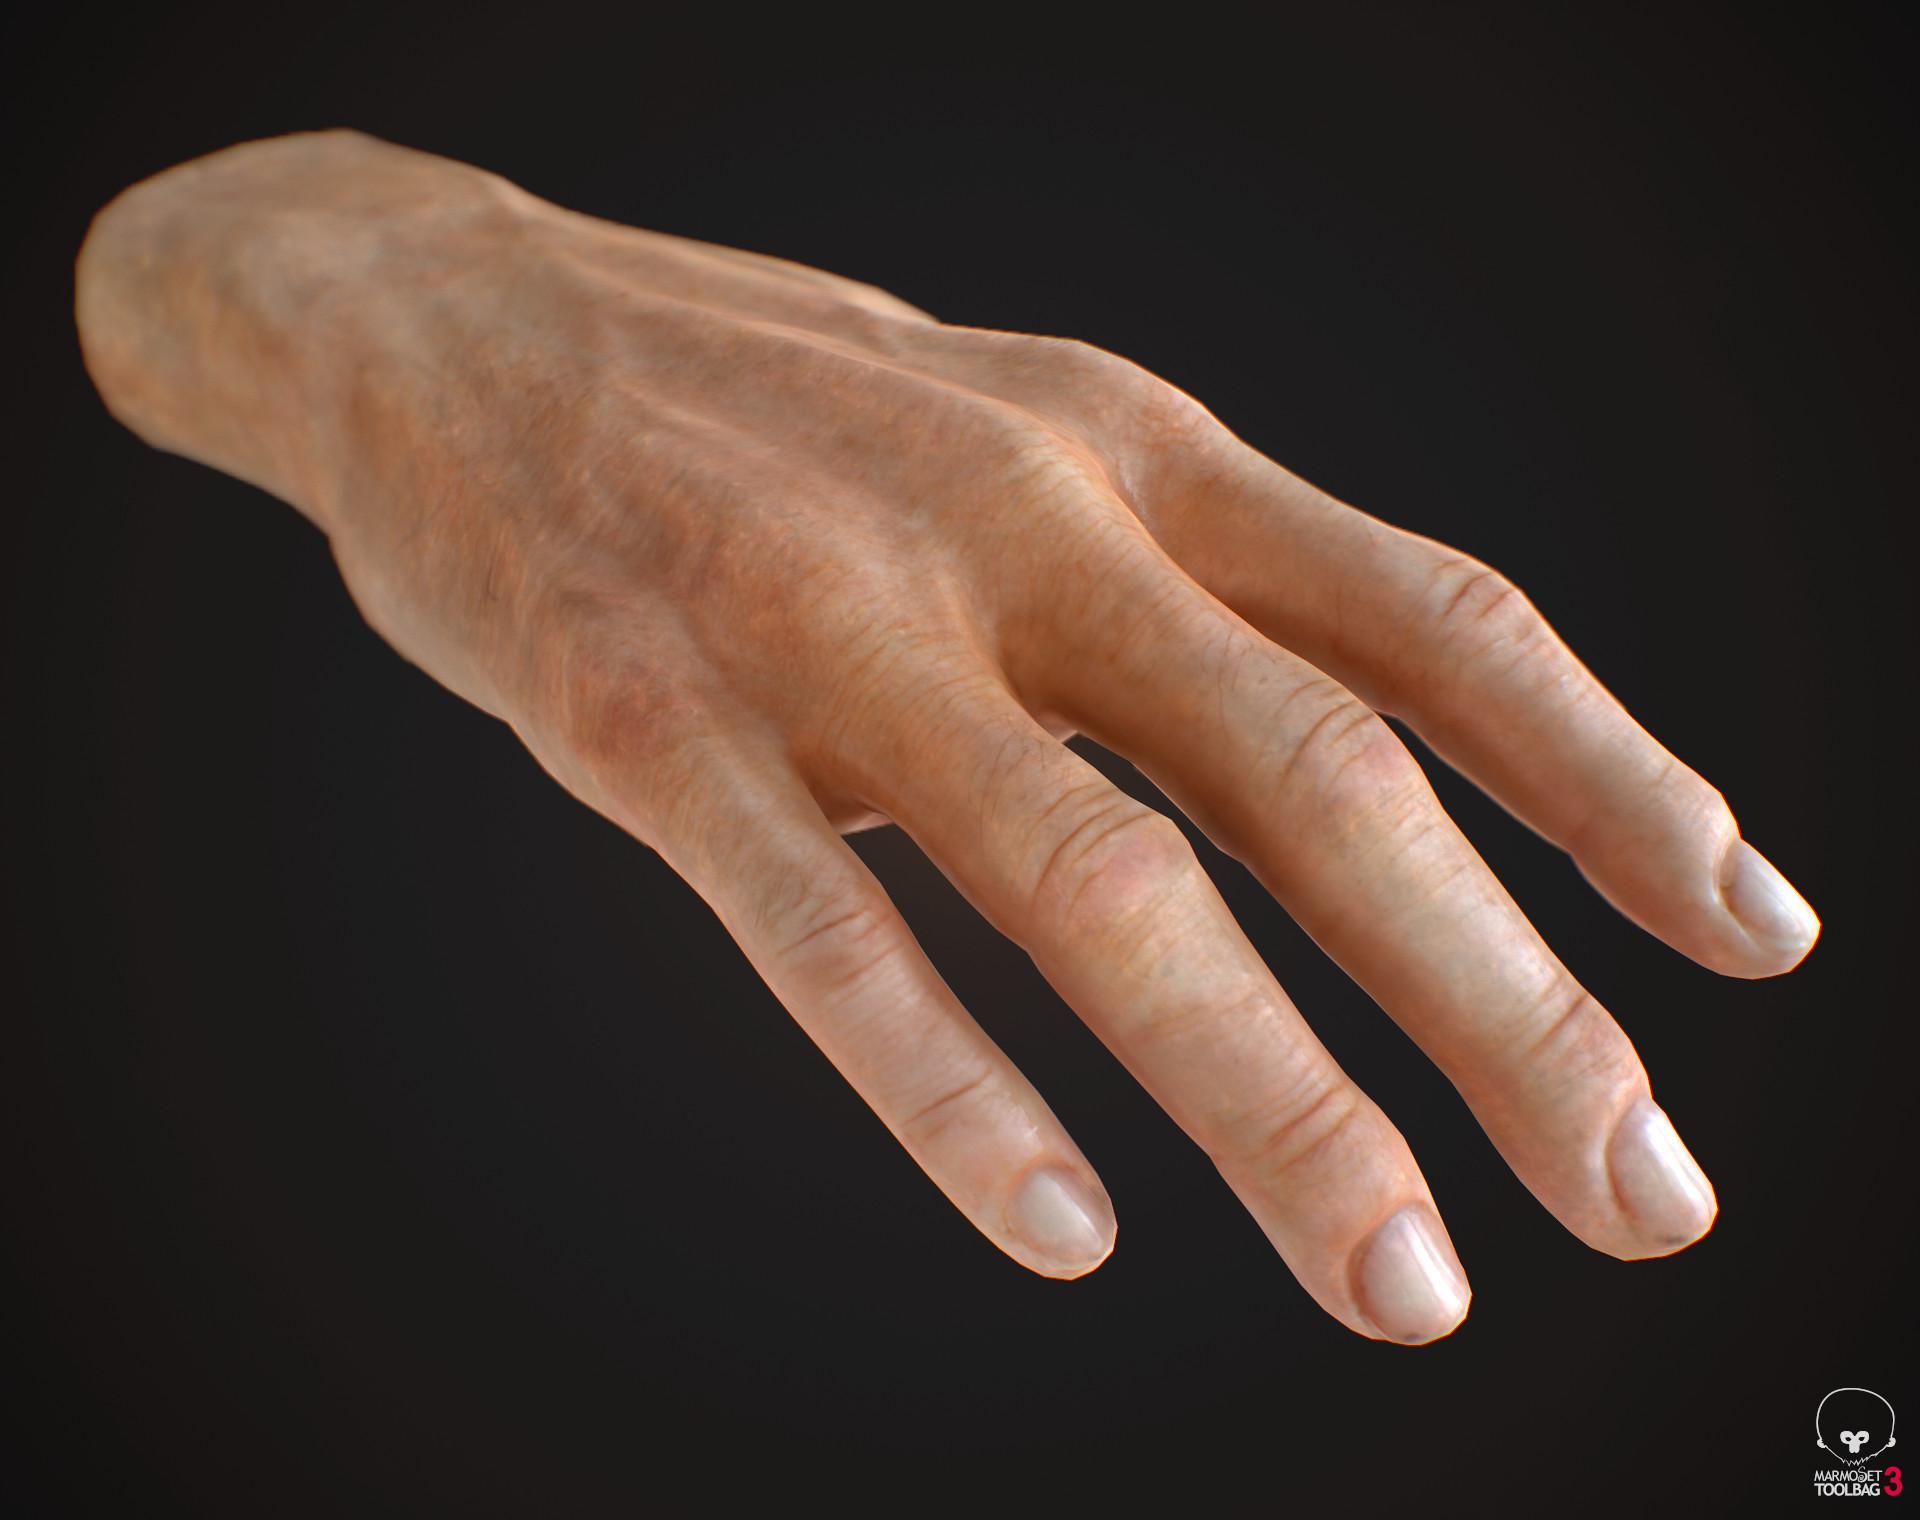 Federico abram vr hand 01